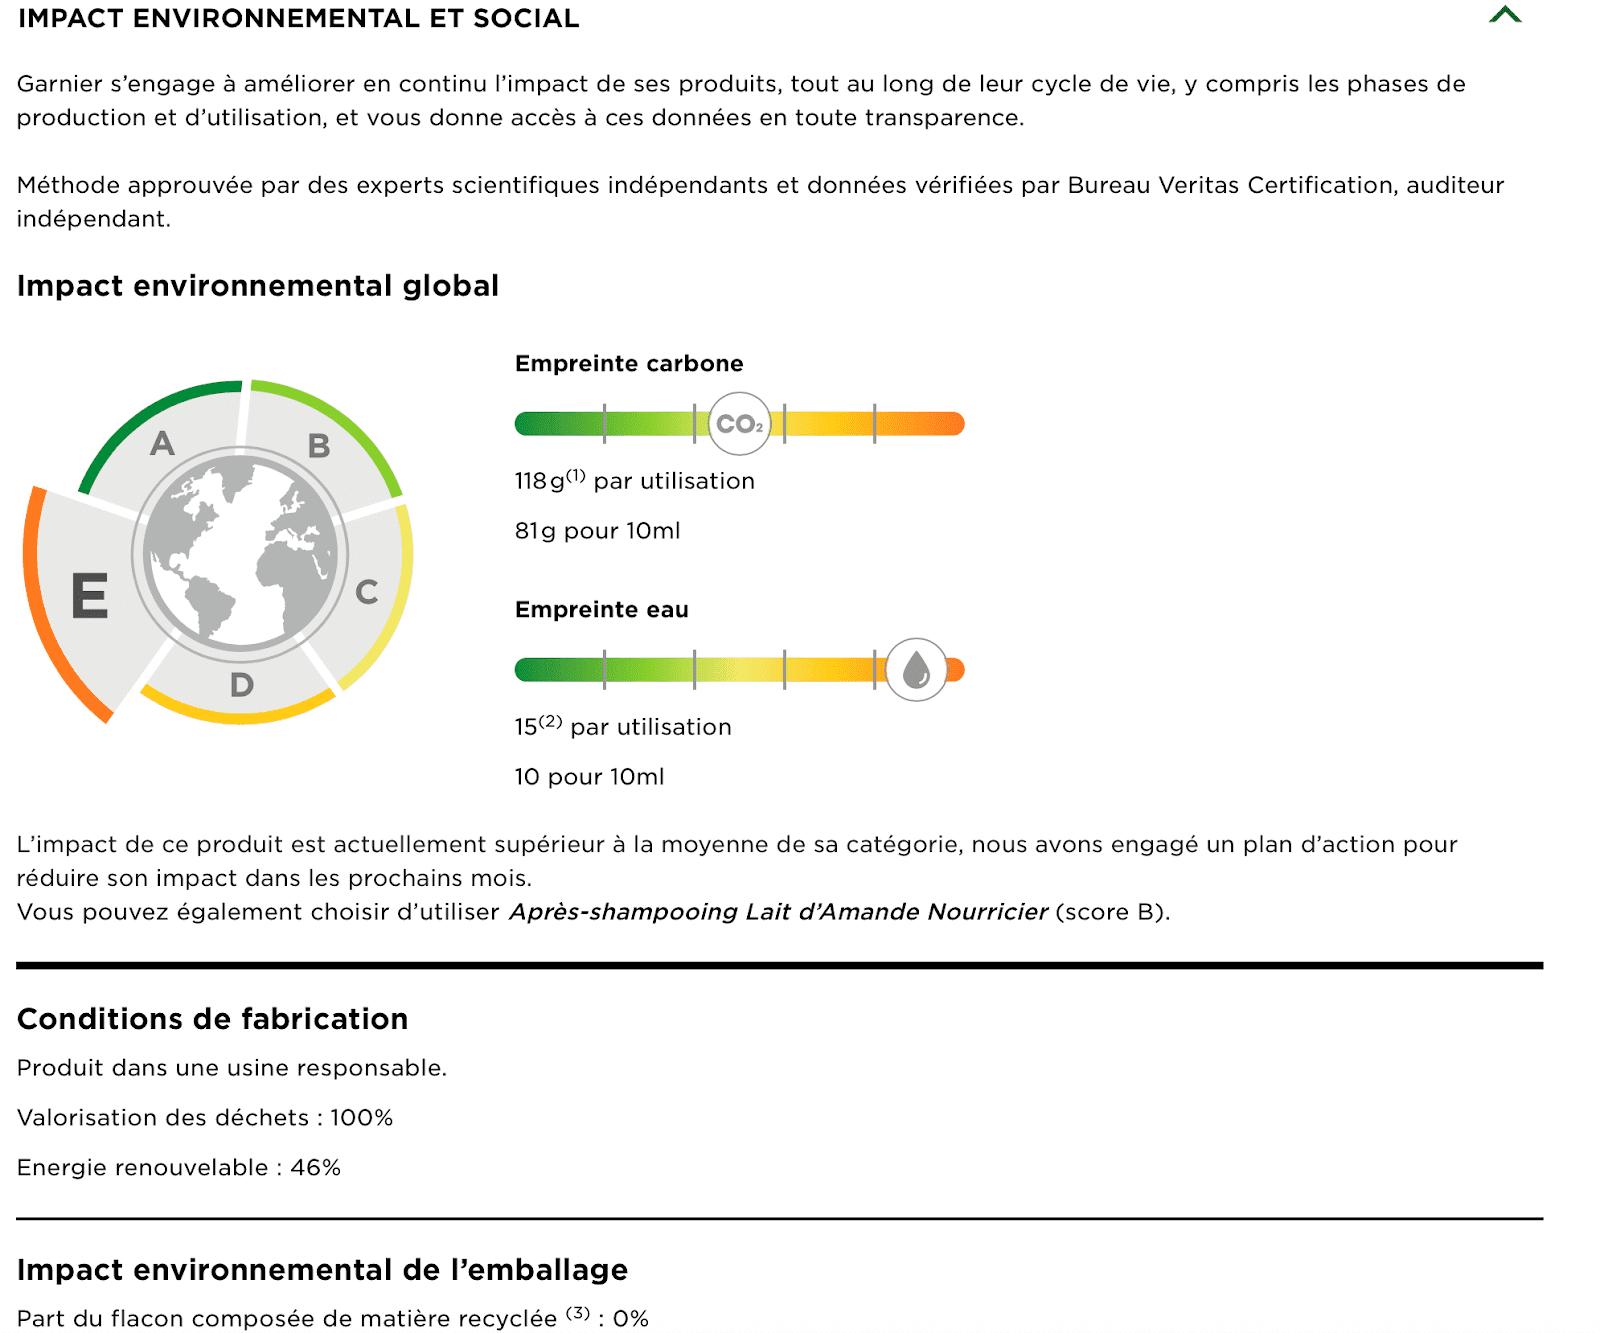 Garnier calcule d'Empreinte carbone